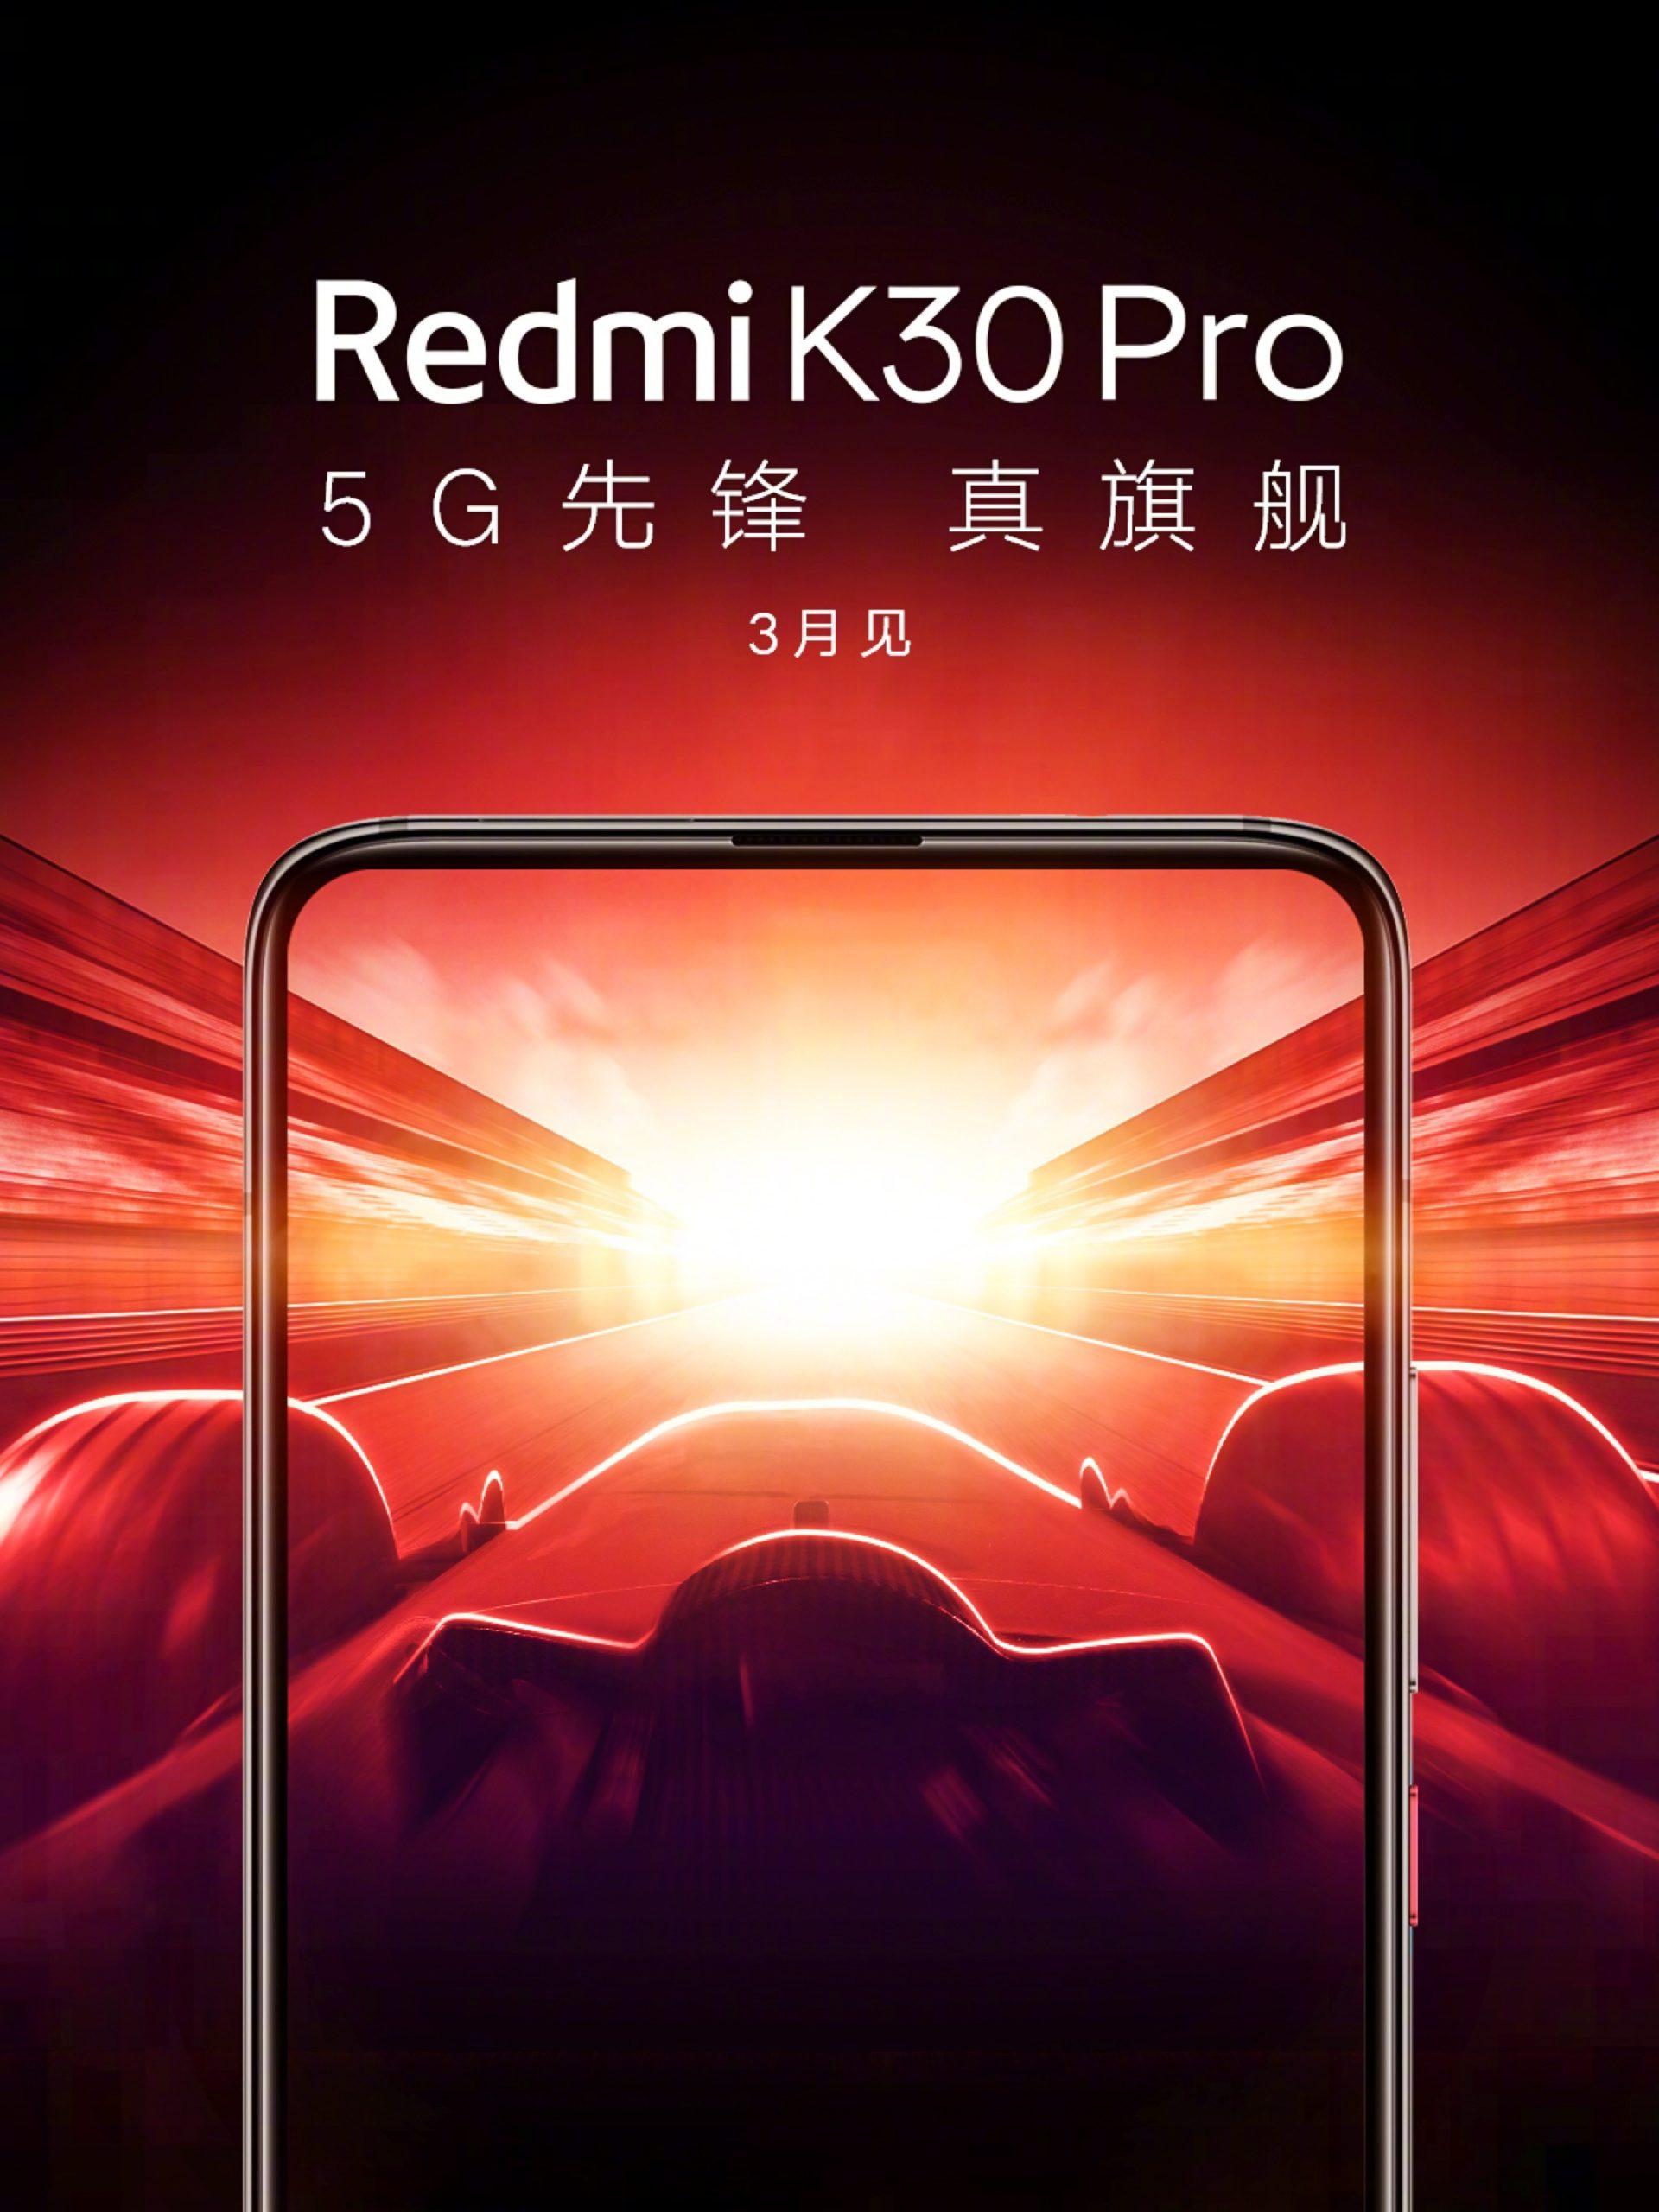 Redmi confirma el diseño del Redmi K30 Pro y su fecha de presentación. Noticias Xiaomi Adictos